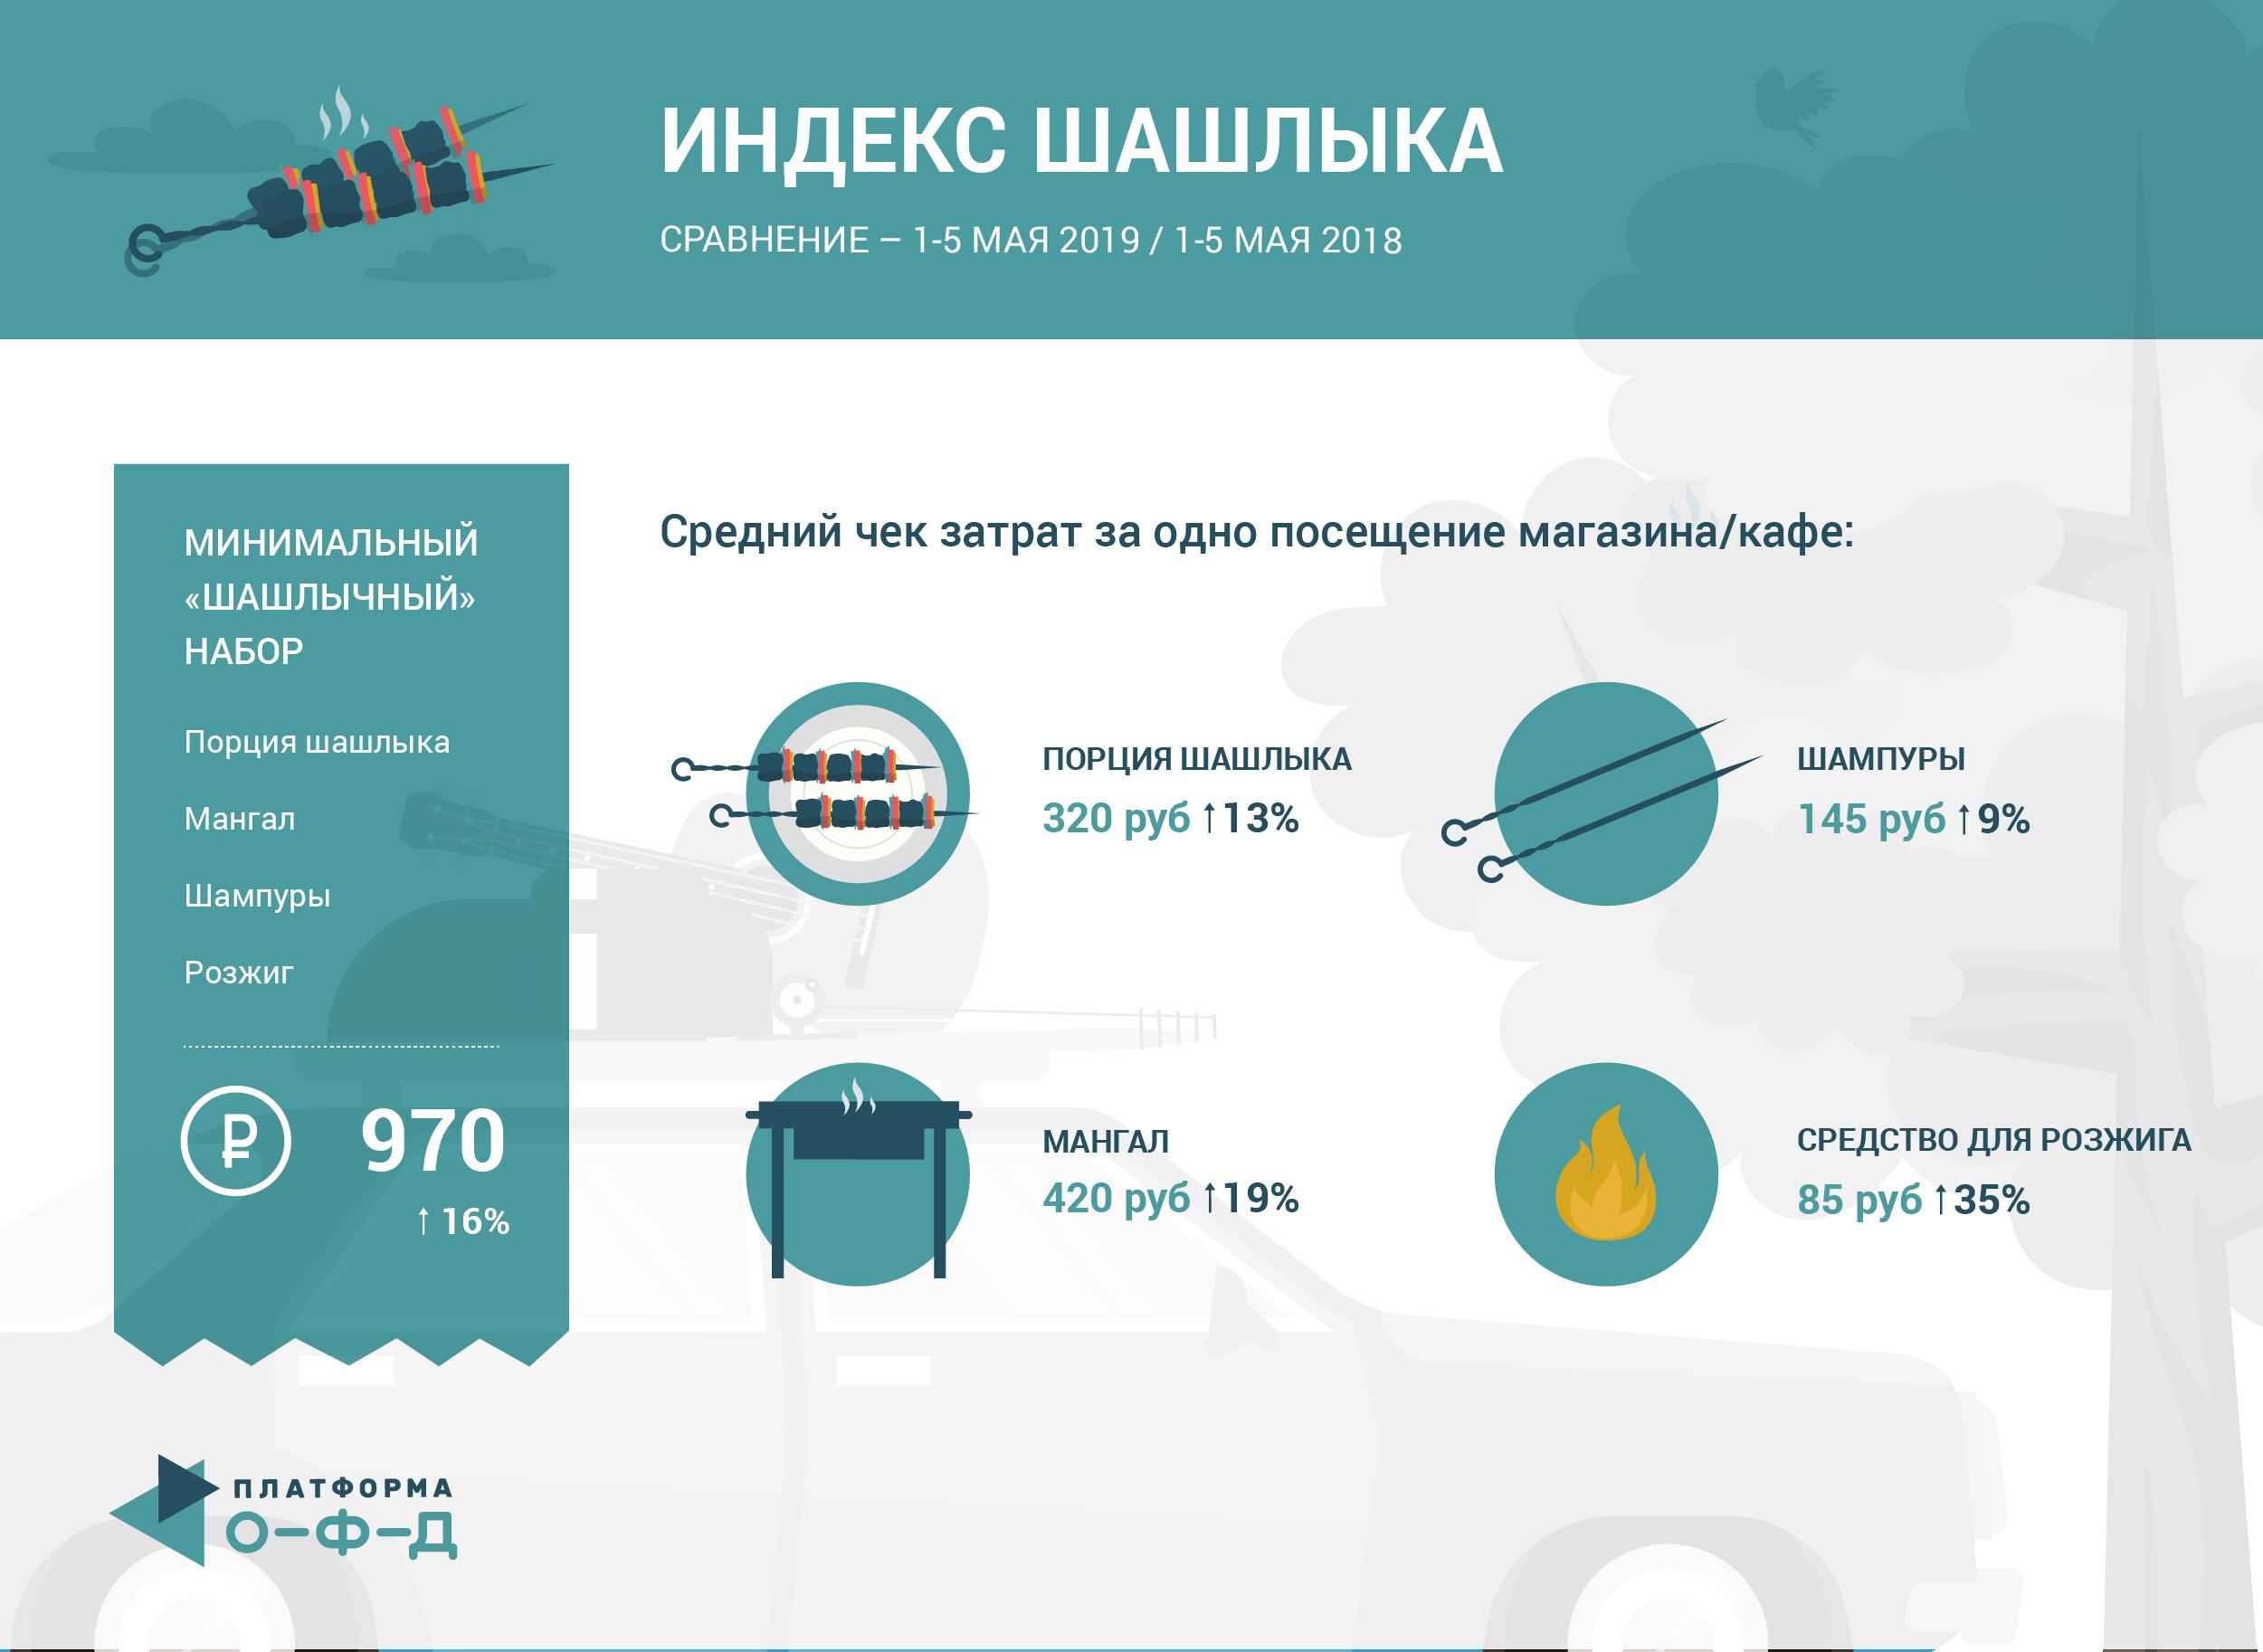 Как россияне покупали шашлыки на майские праздники